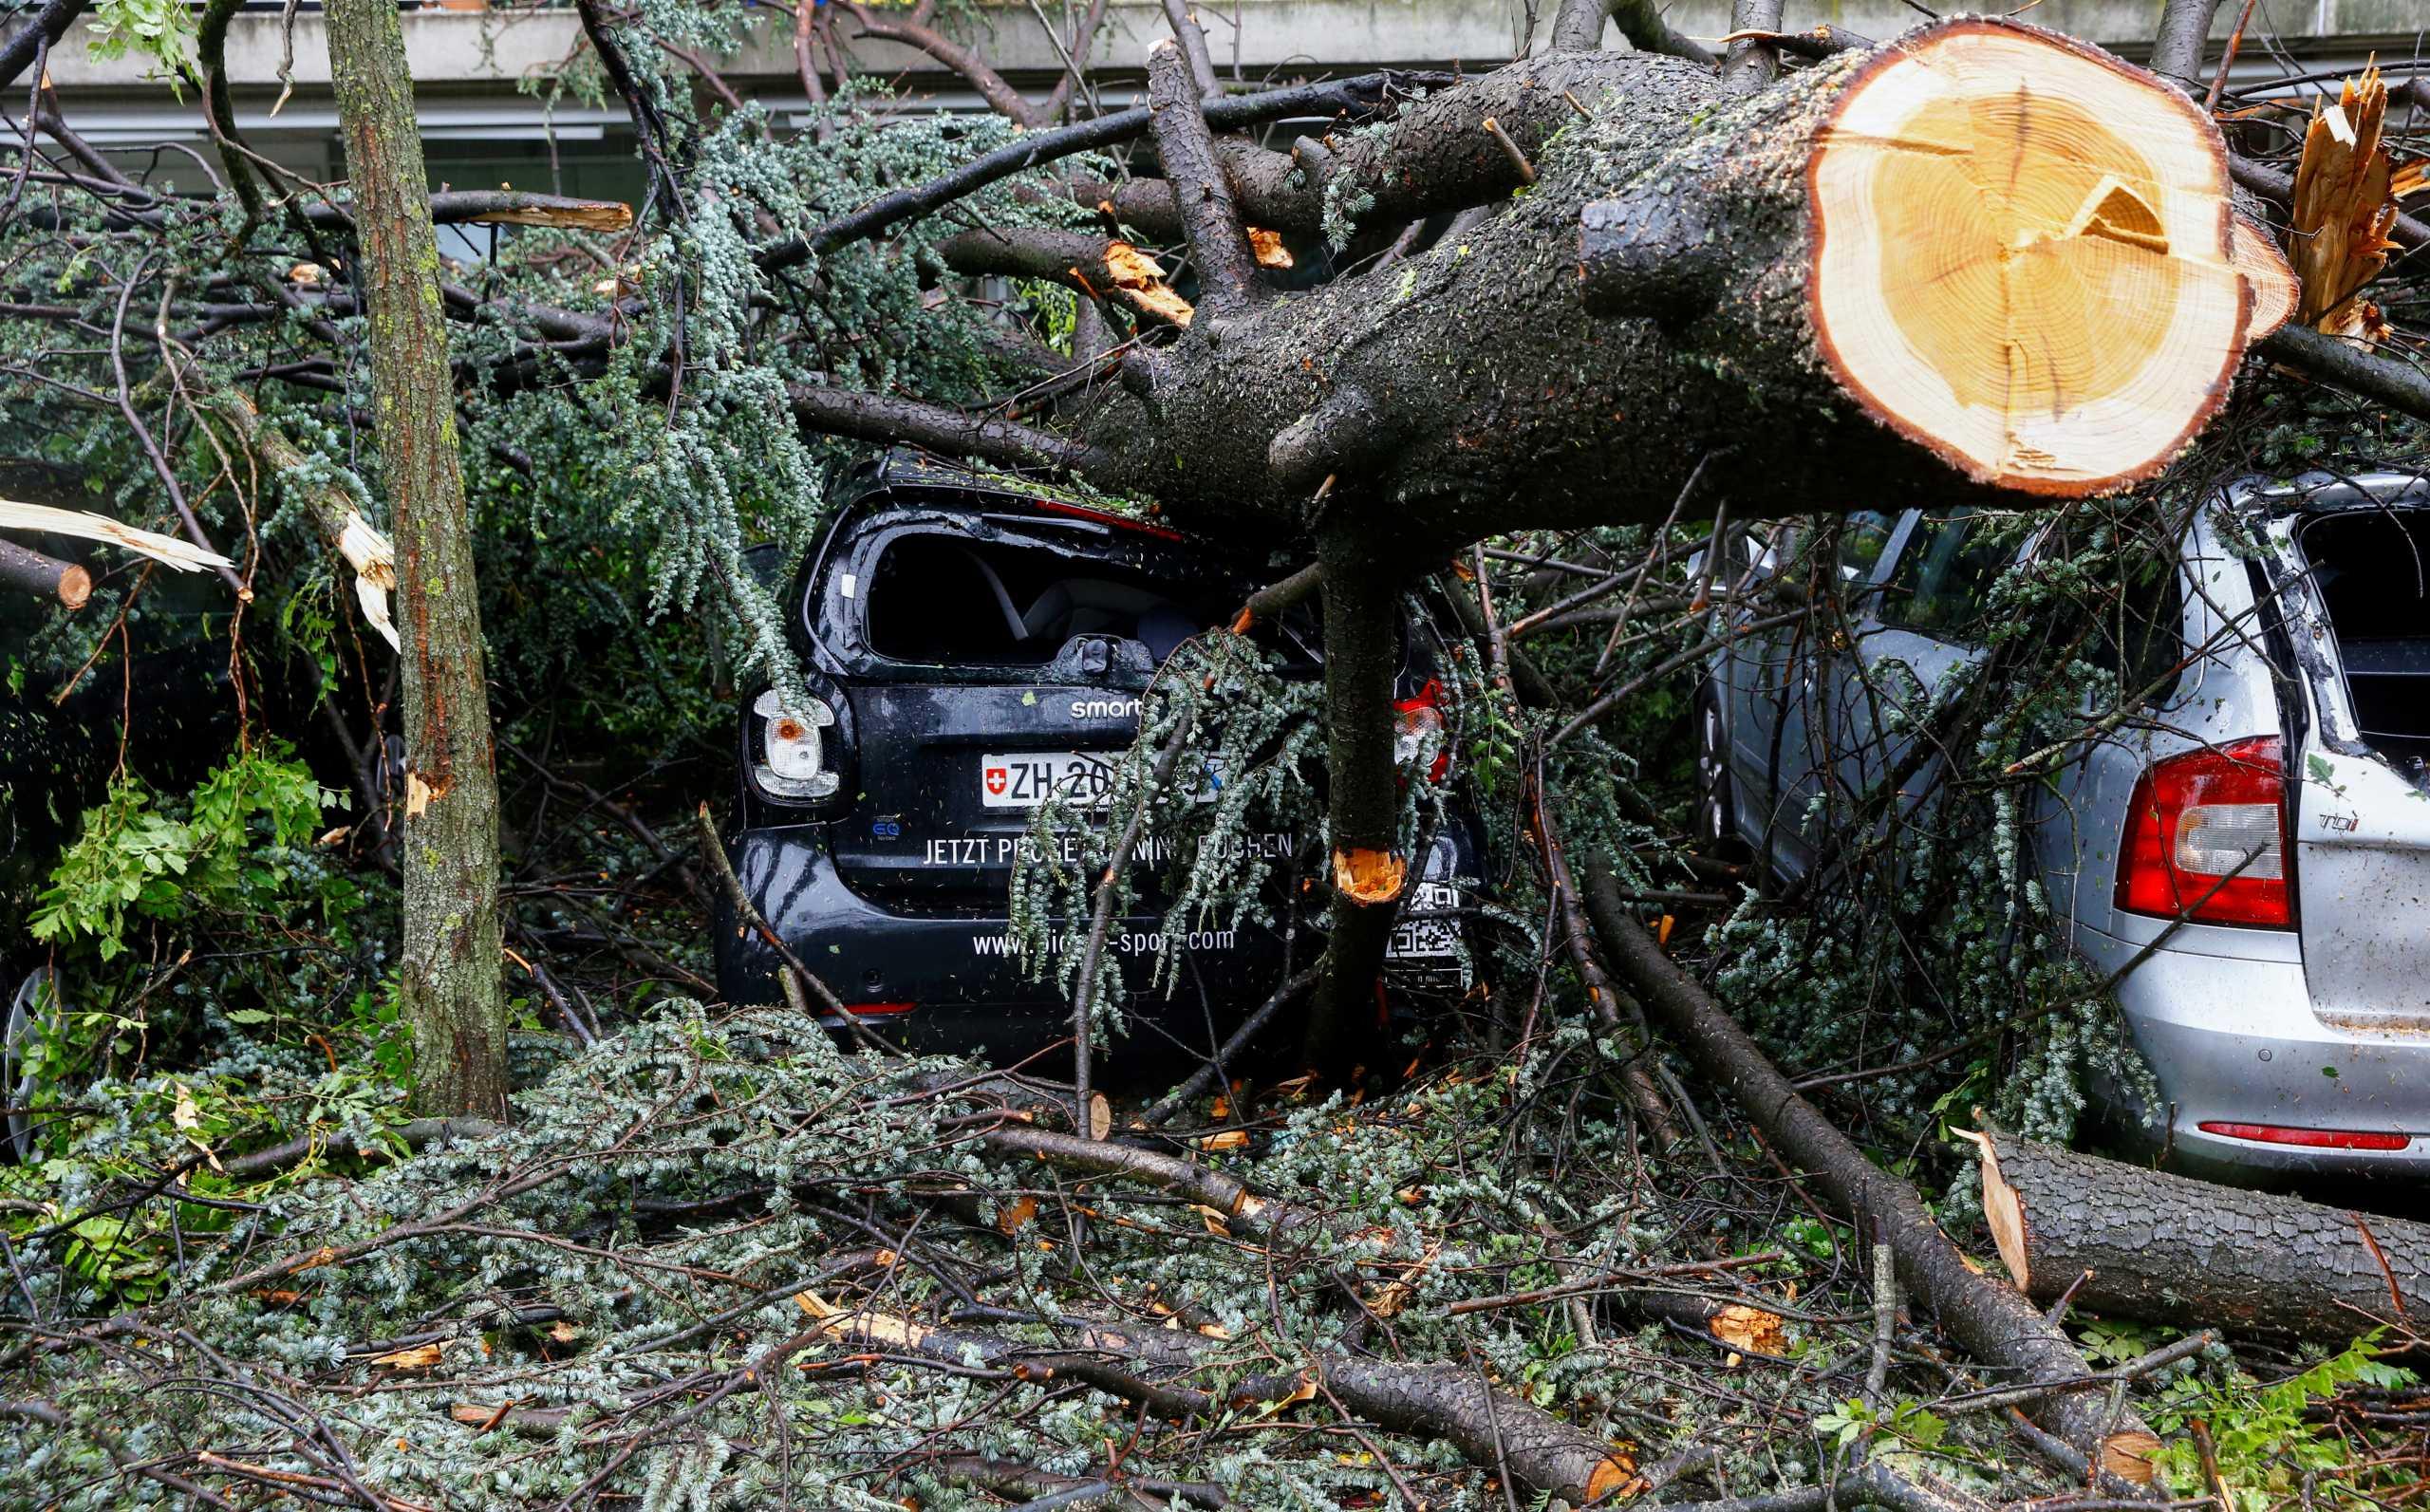 Ελβετία: Πανίσχυρη καταιγίδα «διέλυσε» την Ζυρίχη! Πλημμύρες, πτώσεις δέντρων και καταστροφές